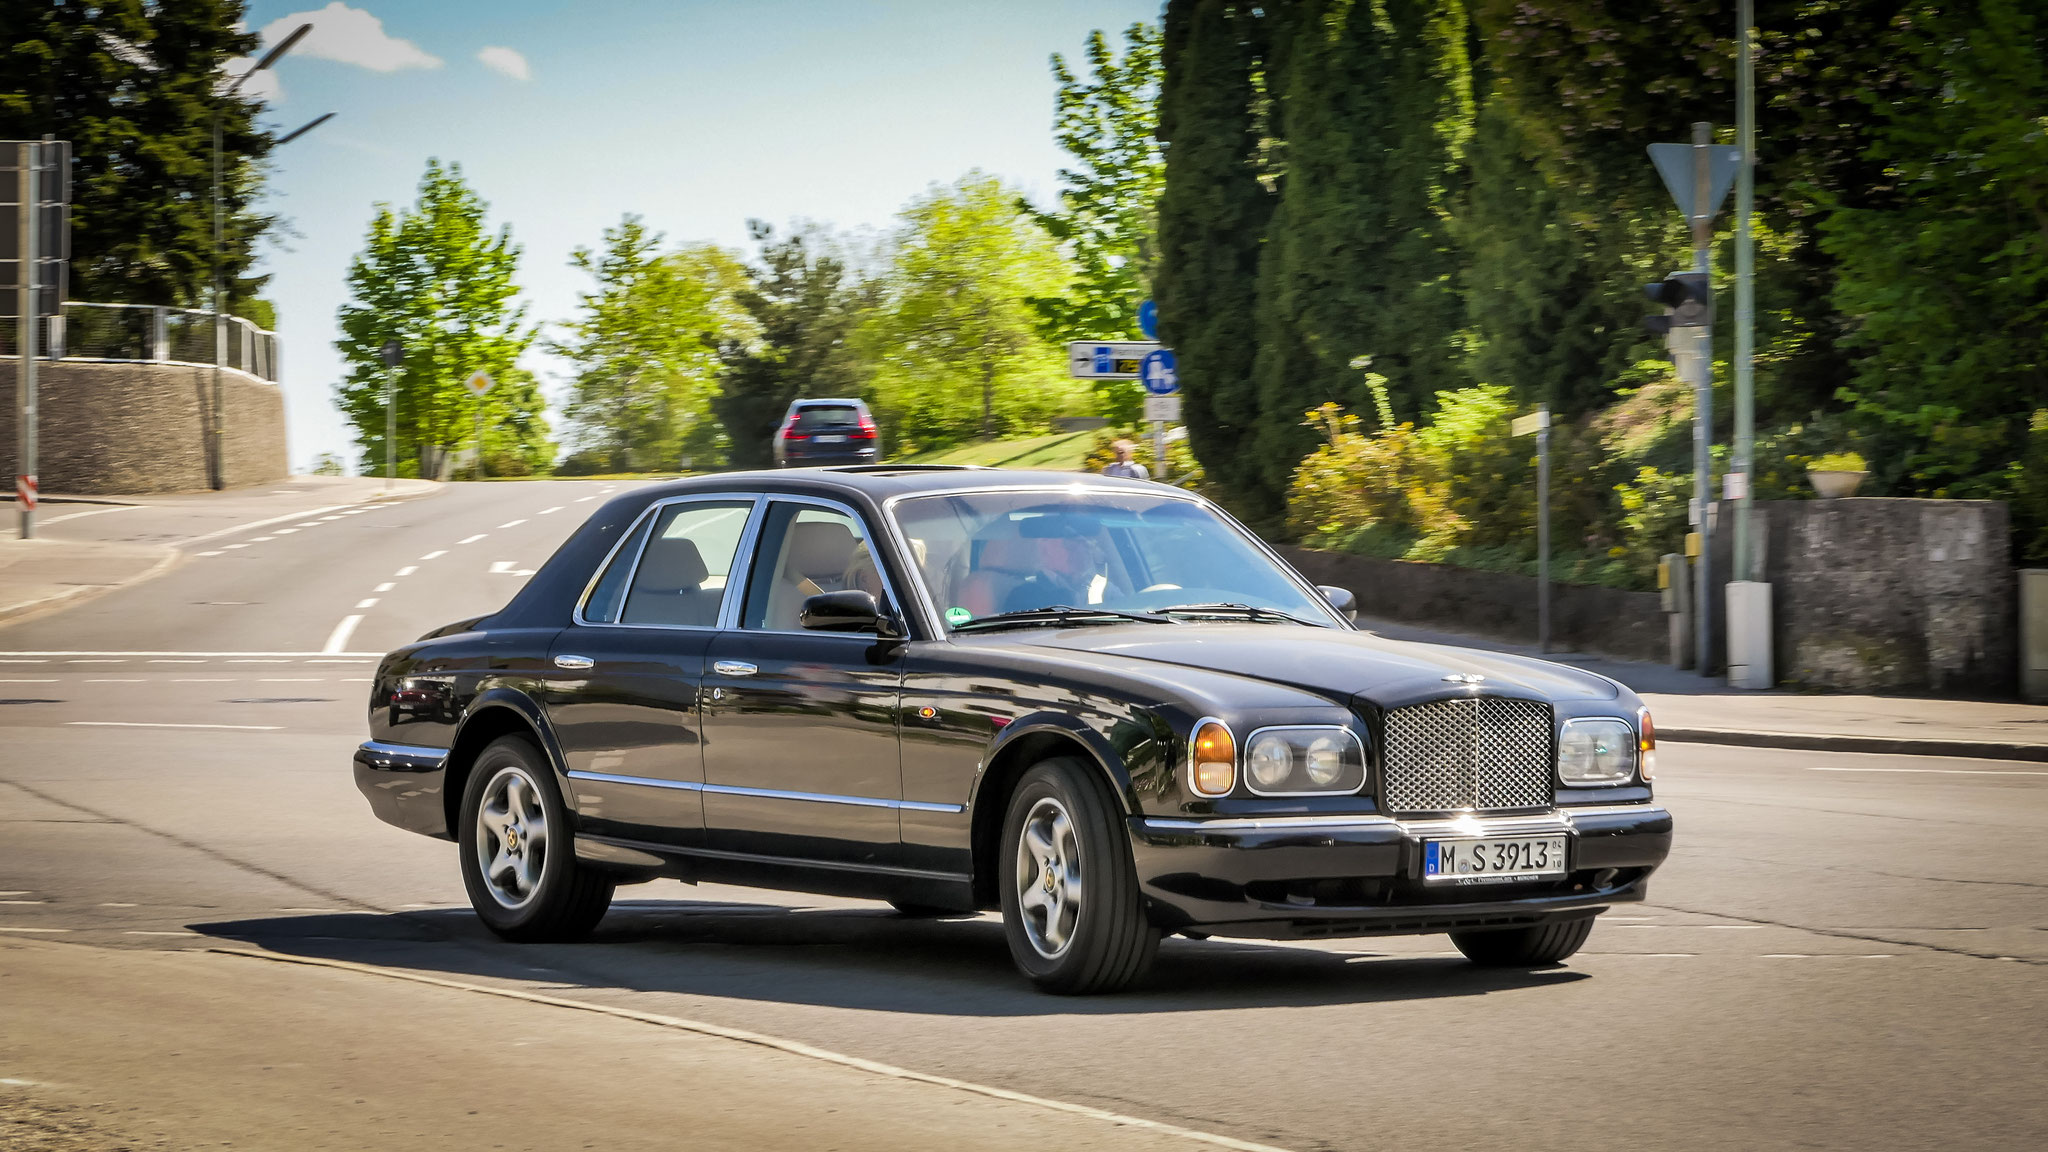 Bentley Arnage - M-S-3913